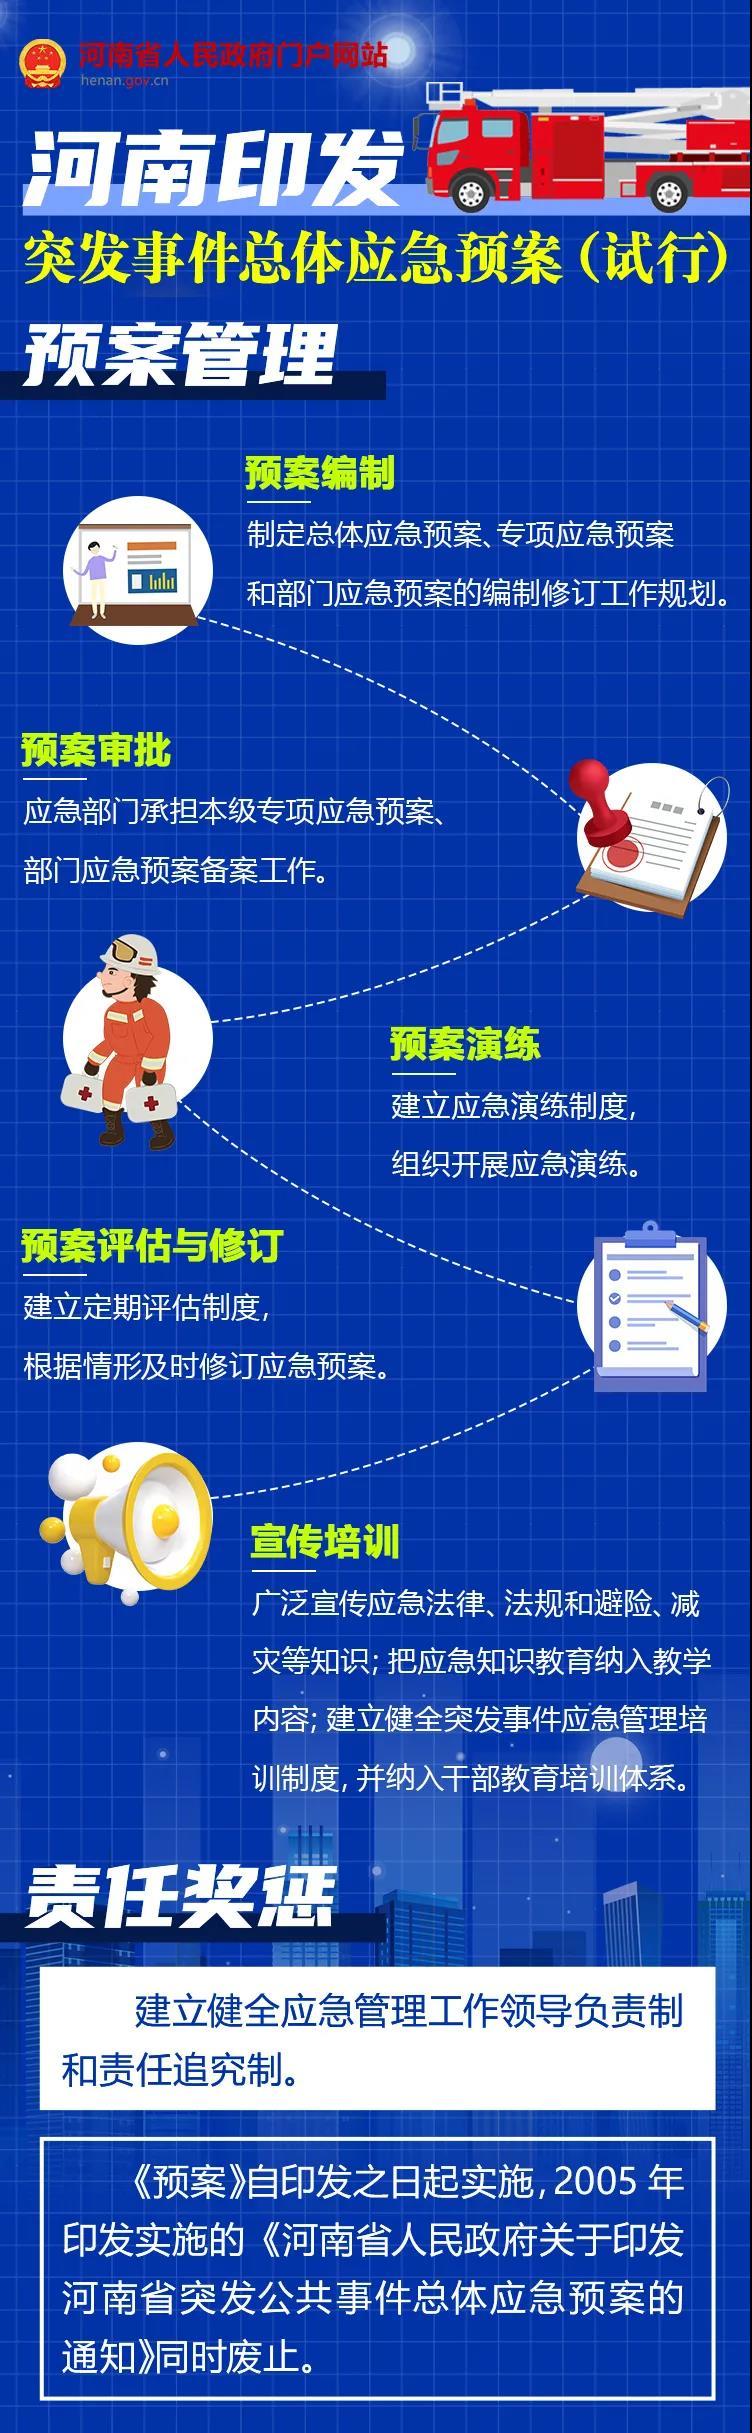 河南省突发事件总体应急预案(试行)系列图解之四